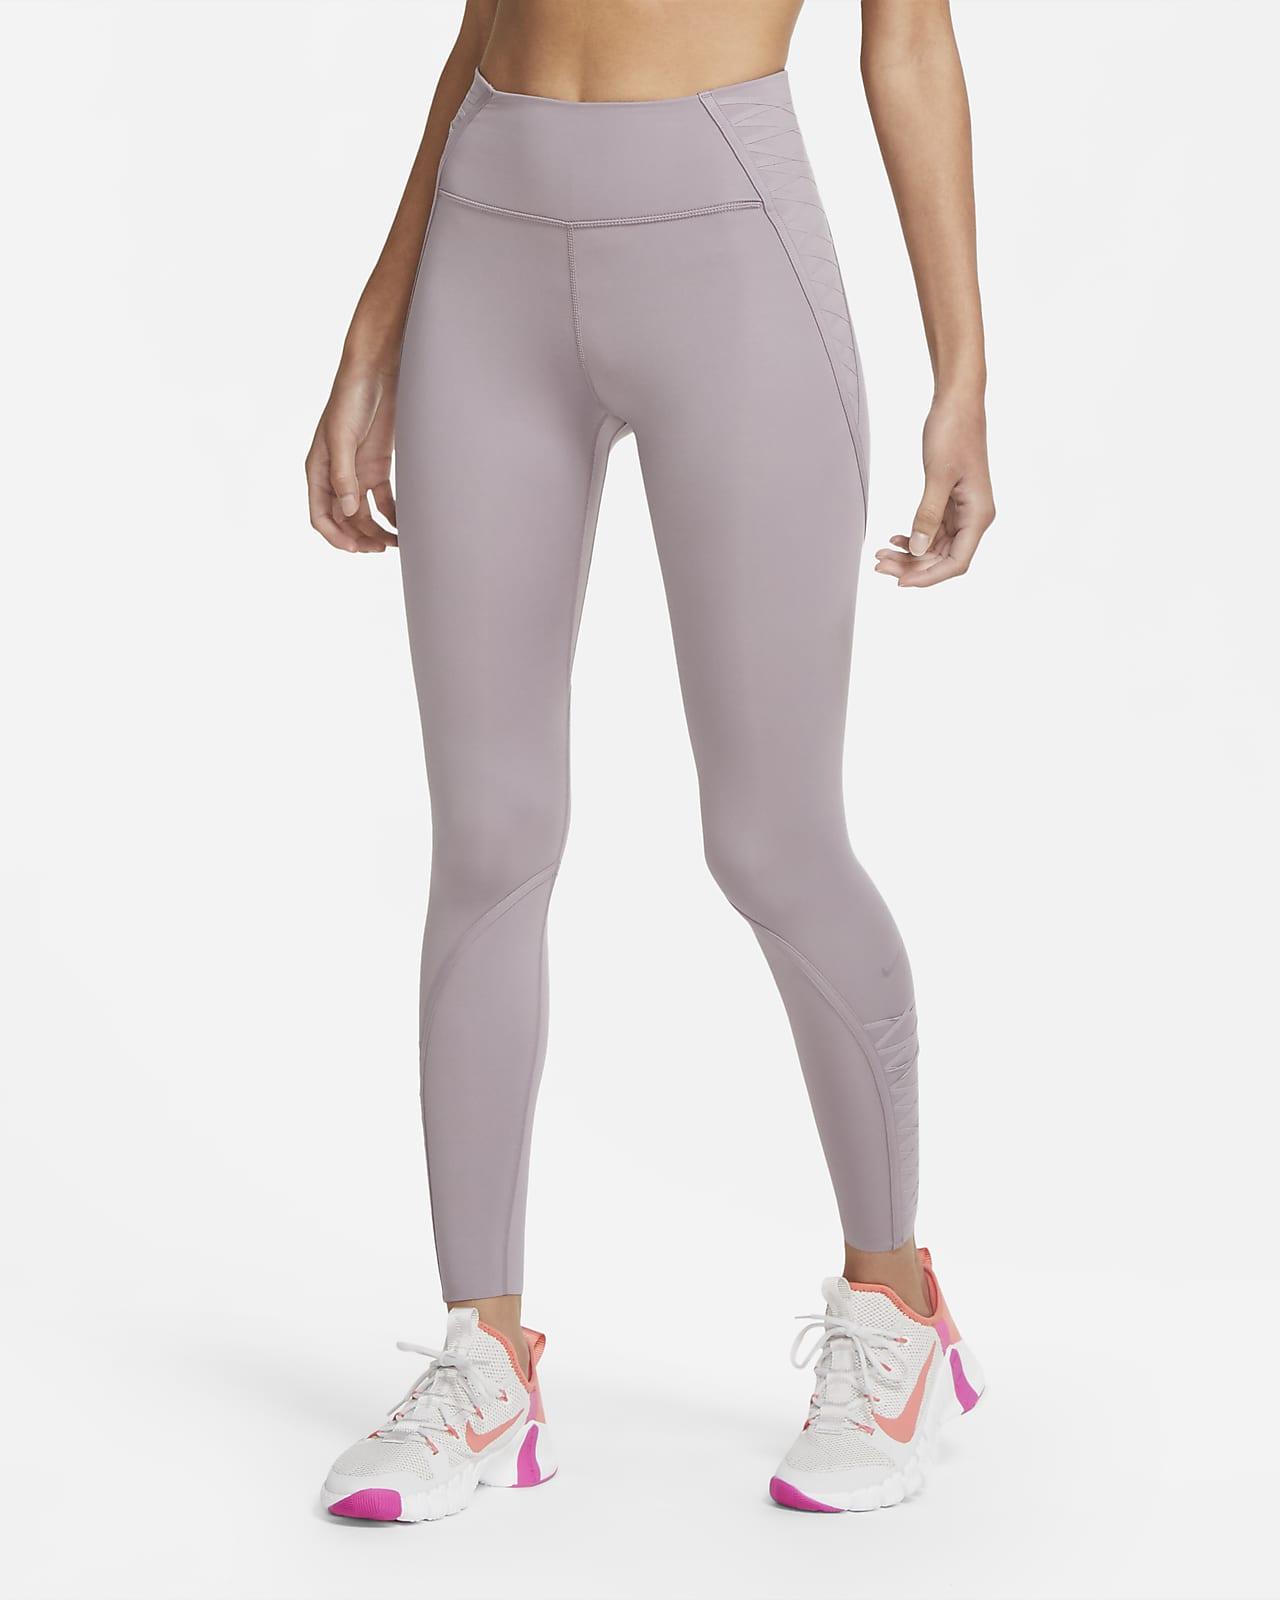 Nike One Luxe Women's 7/8 Laced Leggings